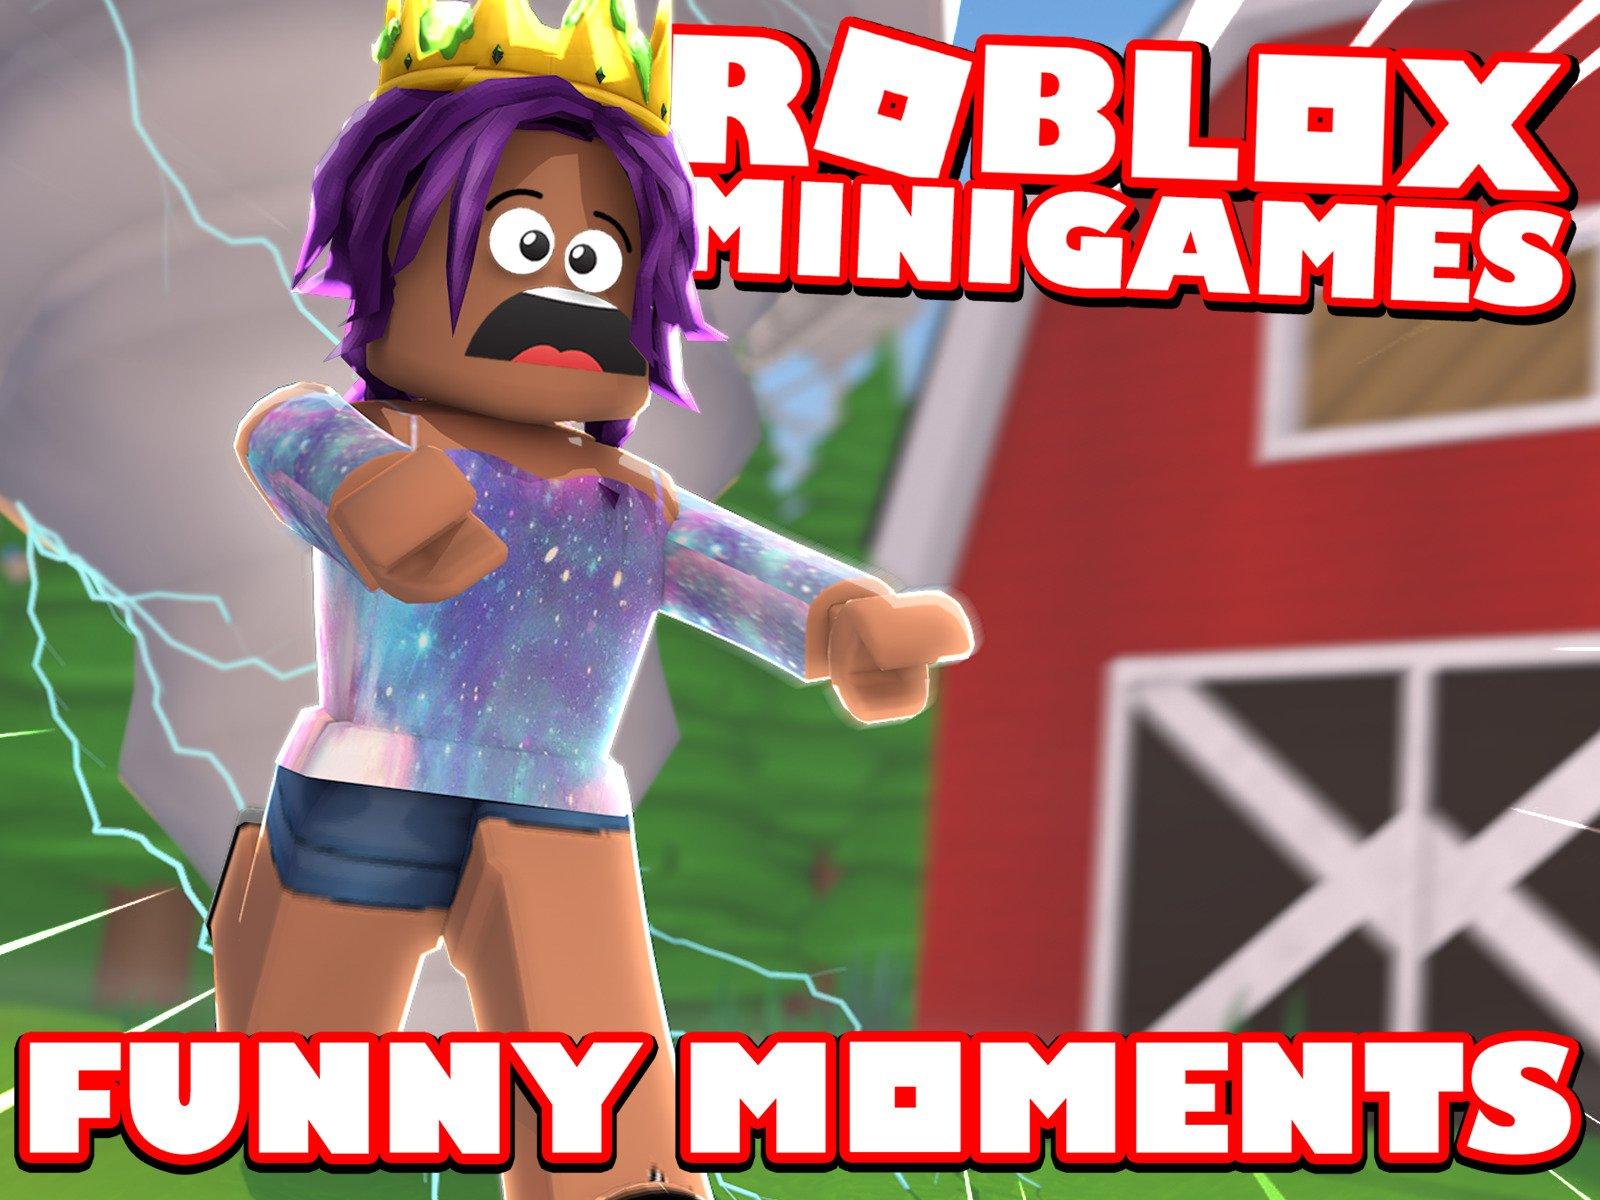 Roblox Mini Game Videos Watch Clip Roblox Minigames Funny Moments Prime Video